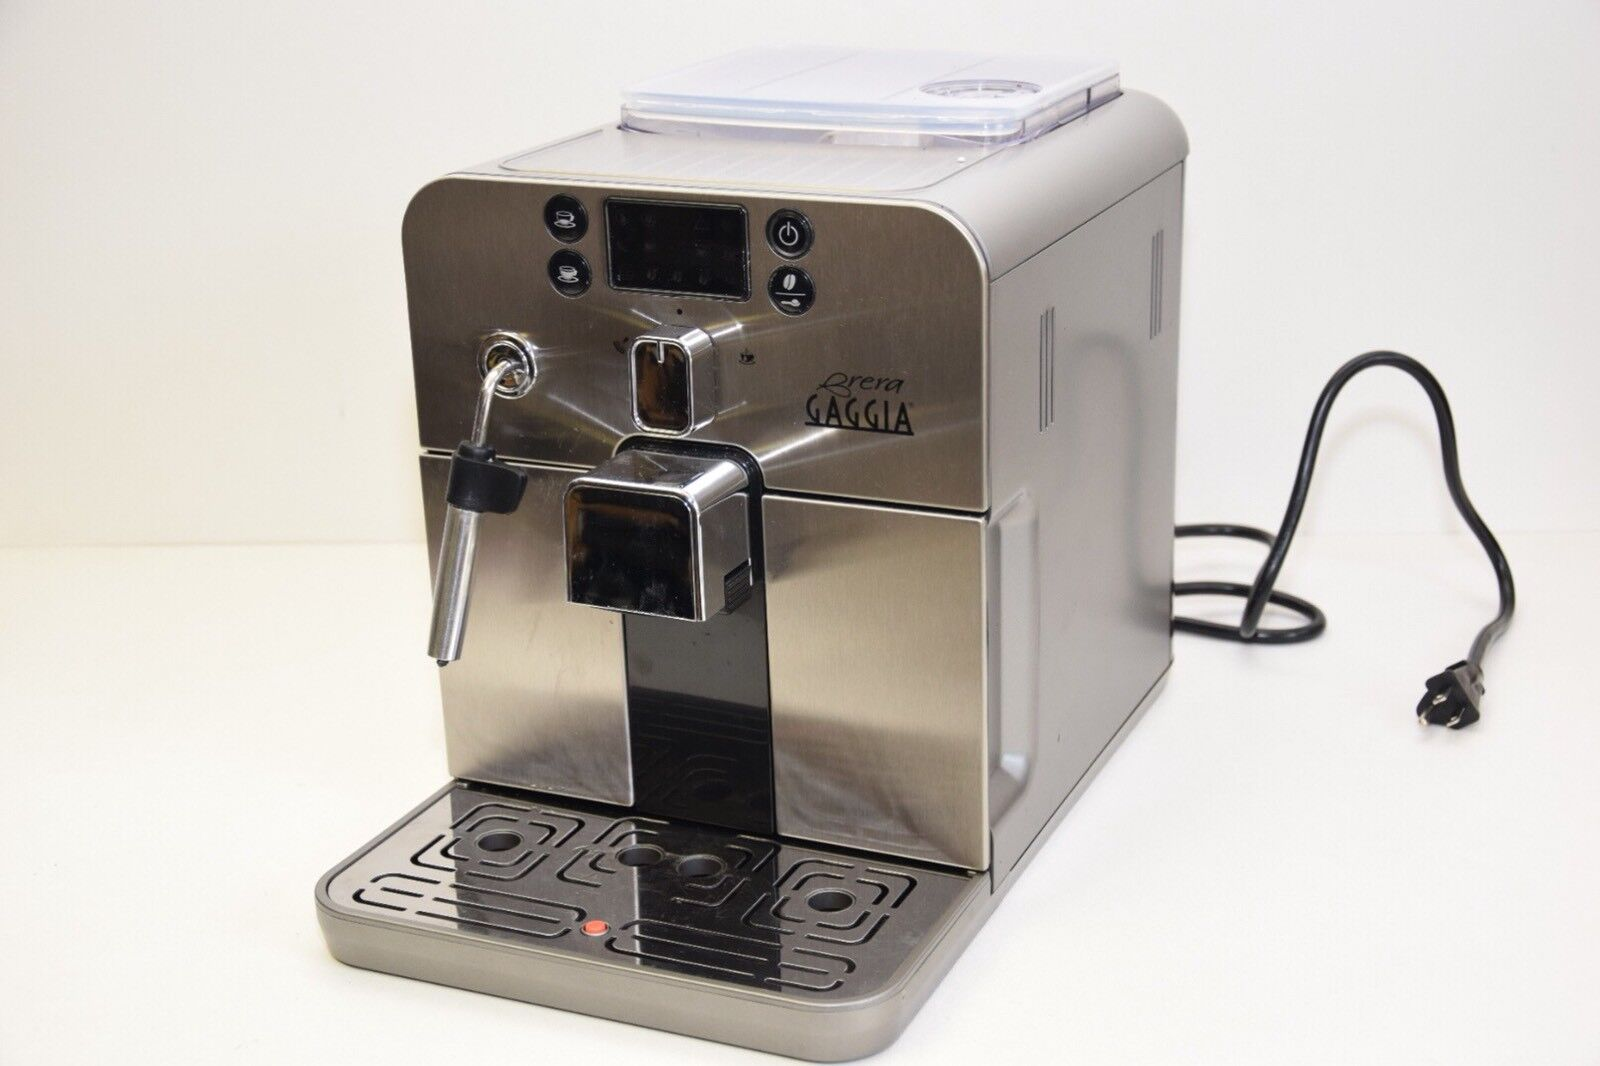 Gaggia Brera Silver Automatic Espresso / Coffee / Cappuccino